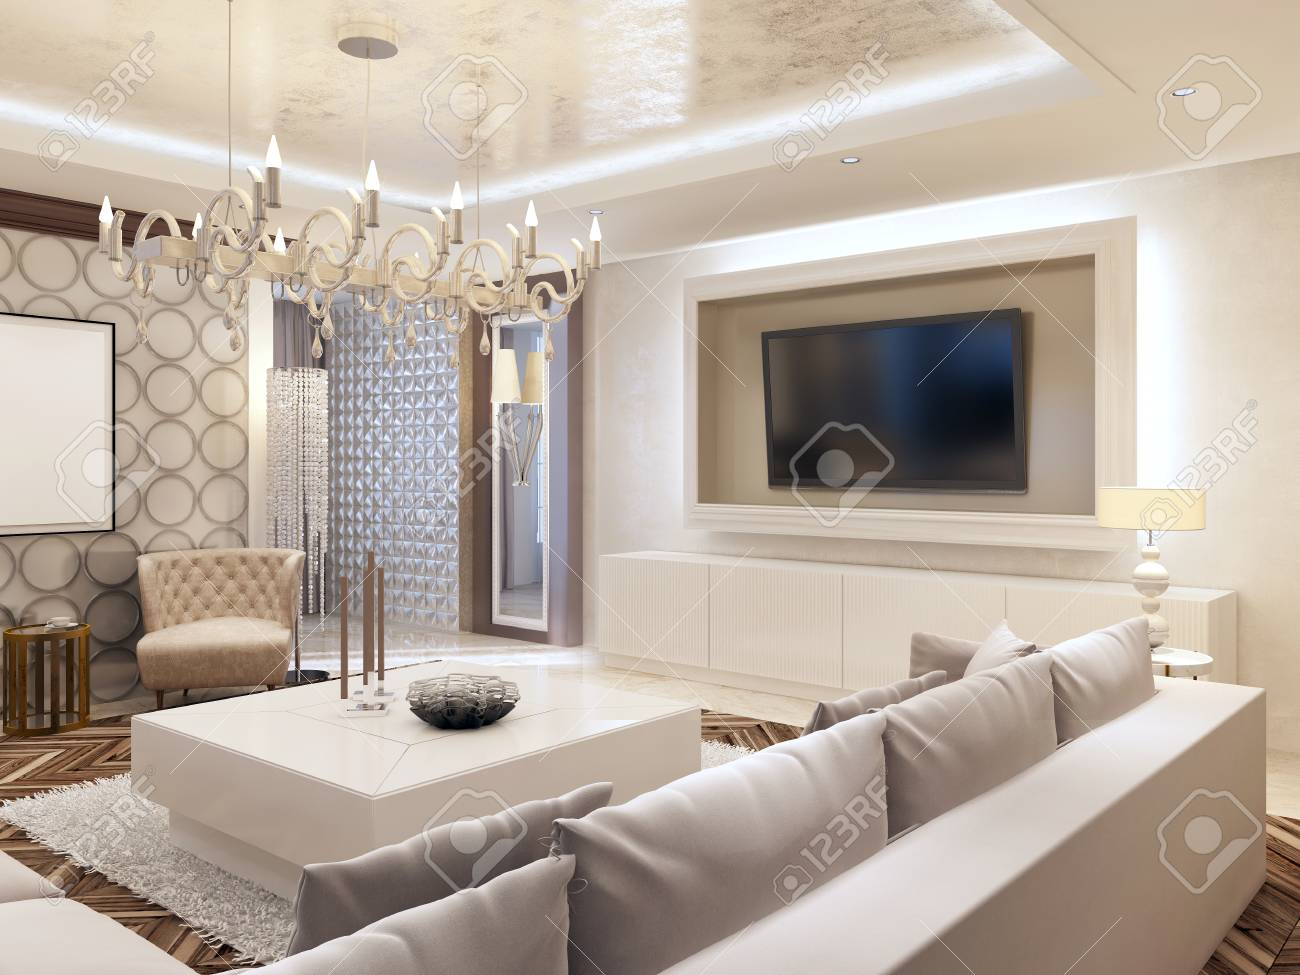 salon moderne dans les couleurs blanc avec rangement integre pour la television grand canape d angle et blanc table basse rendu 3d